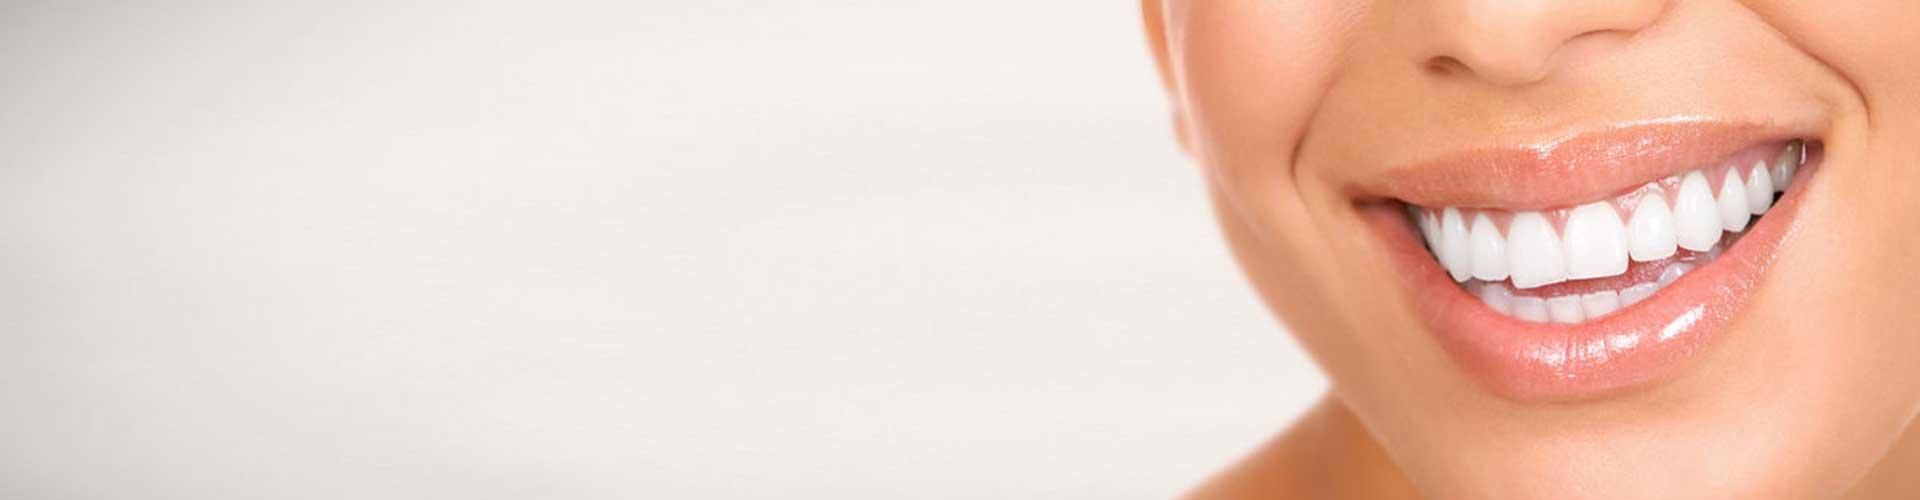 parodontitis_1920x500-e15170036094771